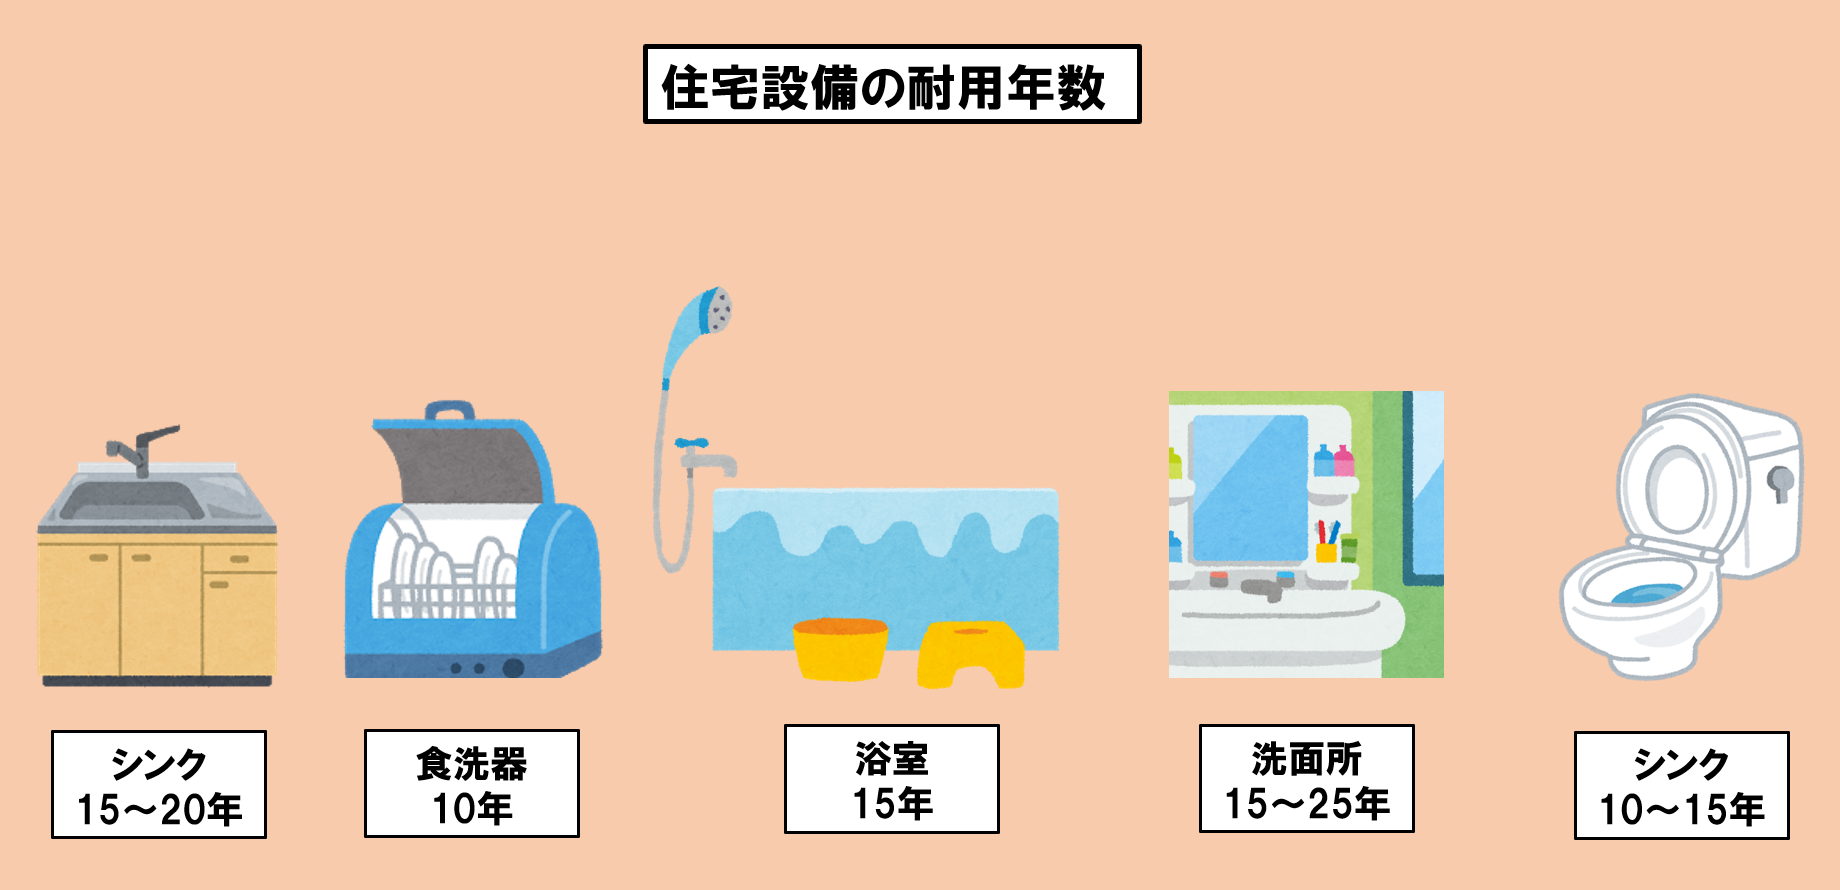 住宅設備にも耐用年数があります。 キッチンやトイレや風呂など住宅設備の劣化によりトラブルが起きると生活に支障をきたします。 住宅設備の耐用年数と取り換え時期